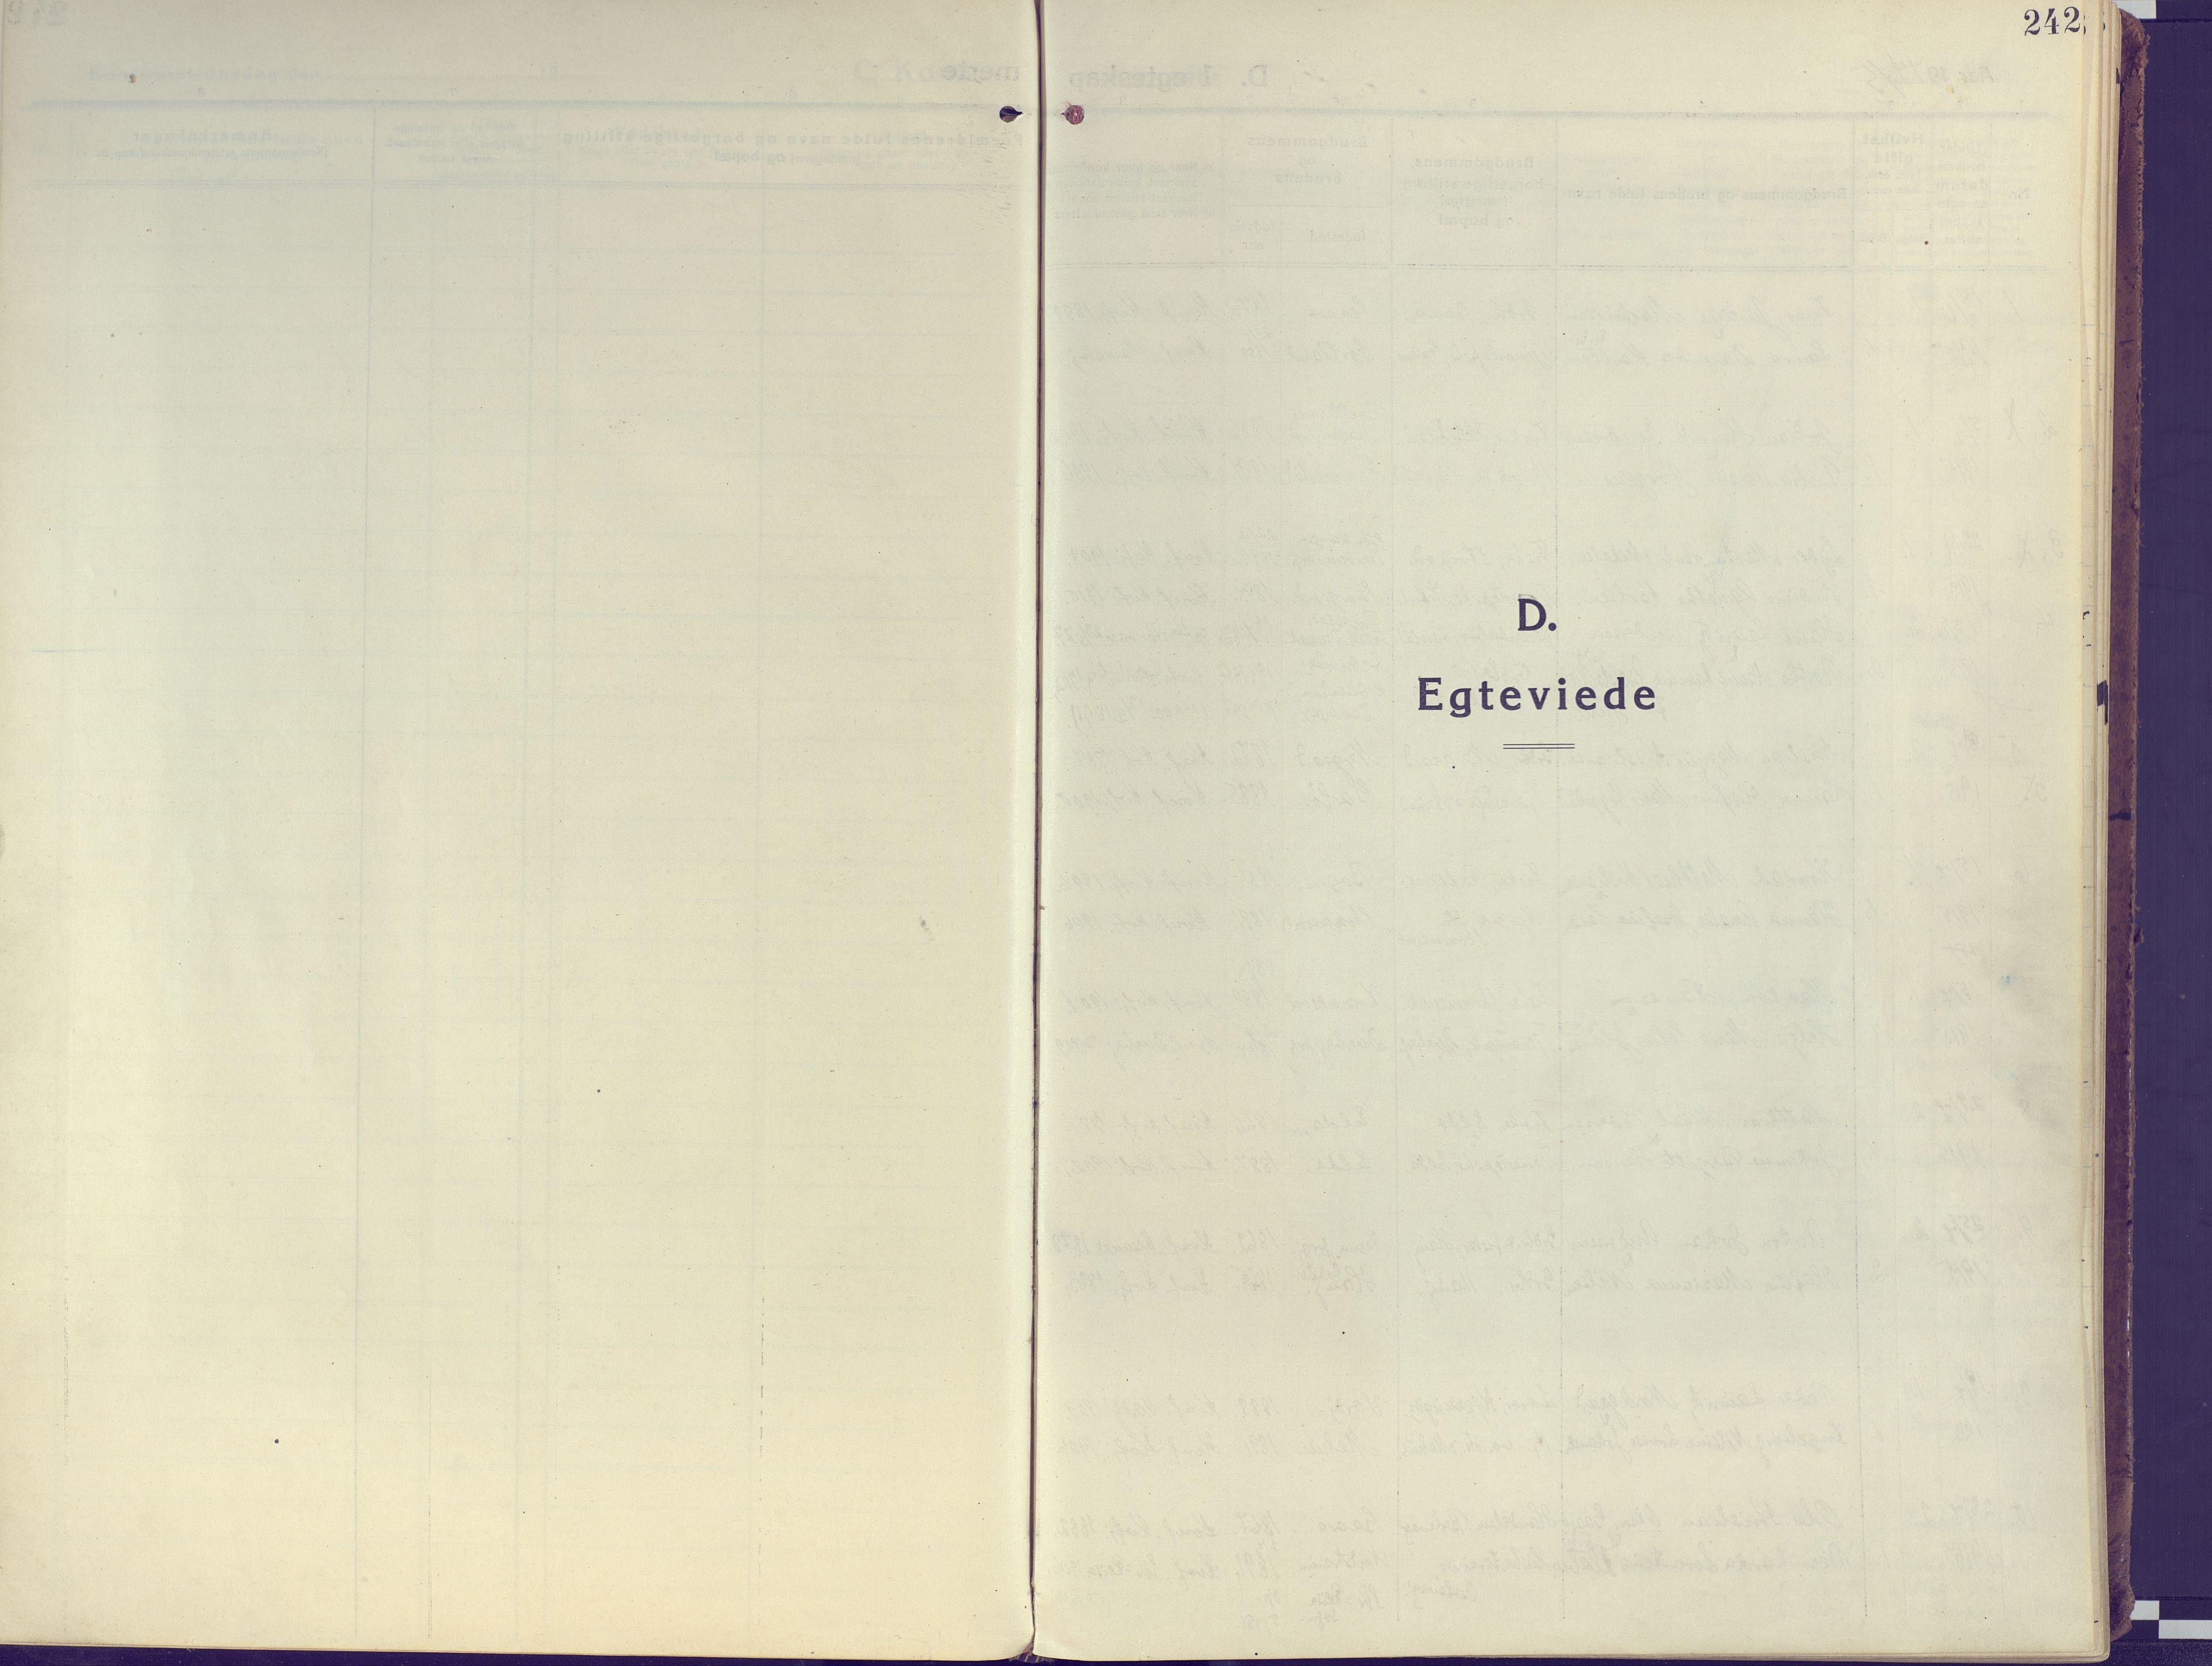 SATØ, Kvæfjord sokneprestkontor, G/Ga/Gaa/L0007kirke: Ministerialbok nr. 7, 1915-1931, s. 242